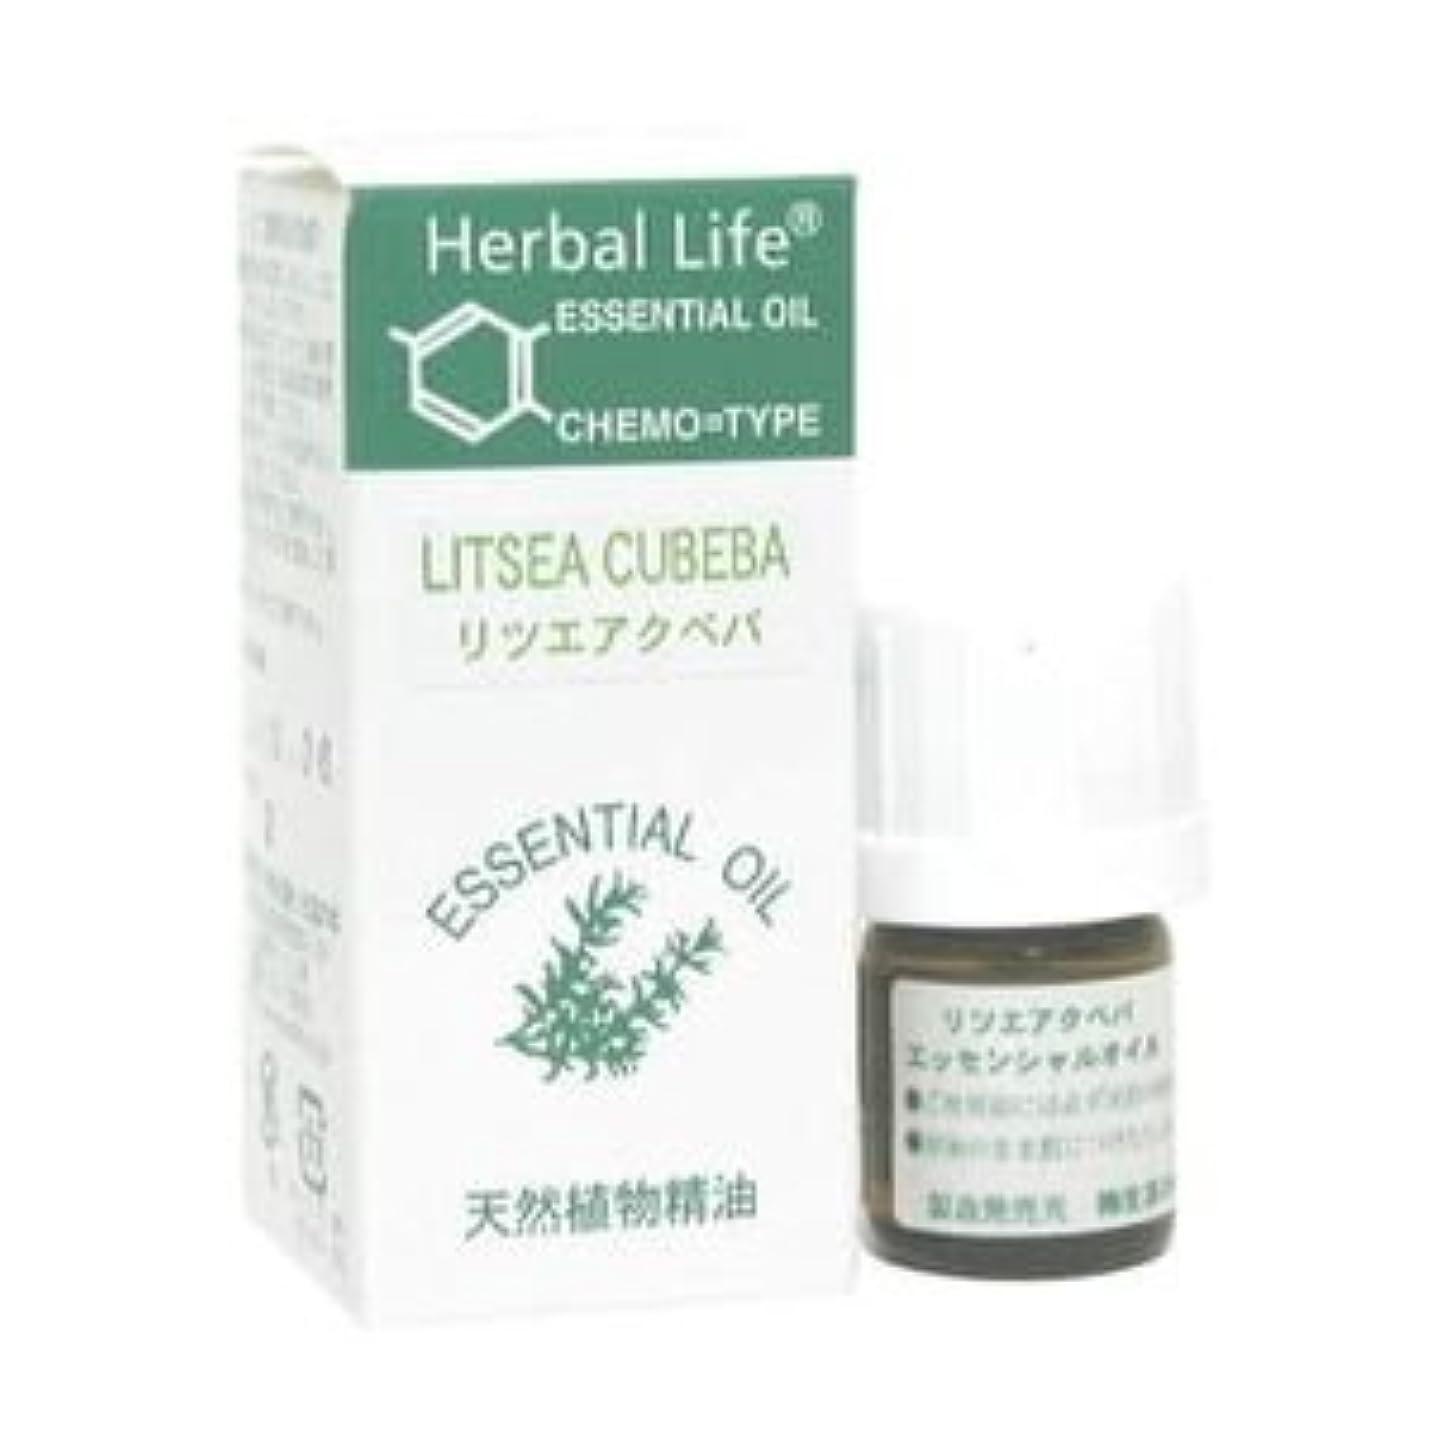 労働ライン腐敗Herbal Life リツエアクベバ 3ml